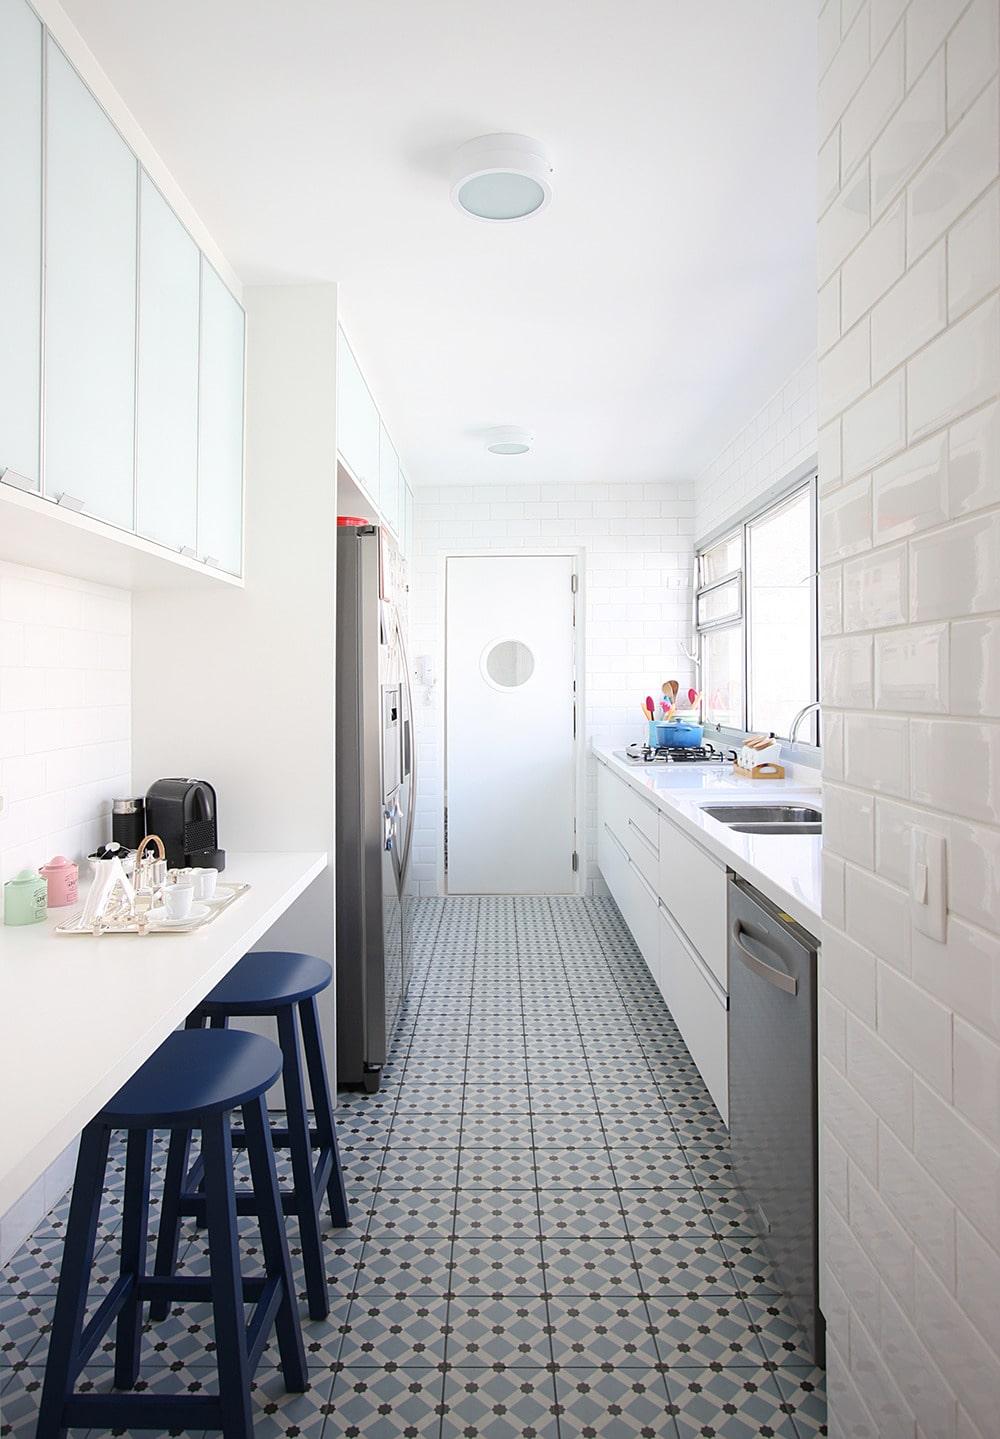 Pour rendre l'intérieur agréable, élégant et confortable, il est préférable d'élaborer à l'avance le projet de conception d'une cuisine étroite.